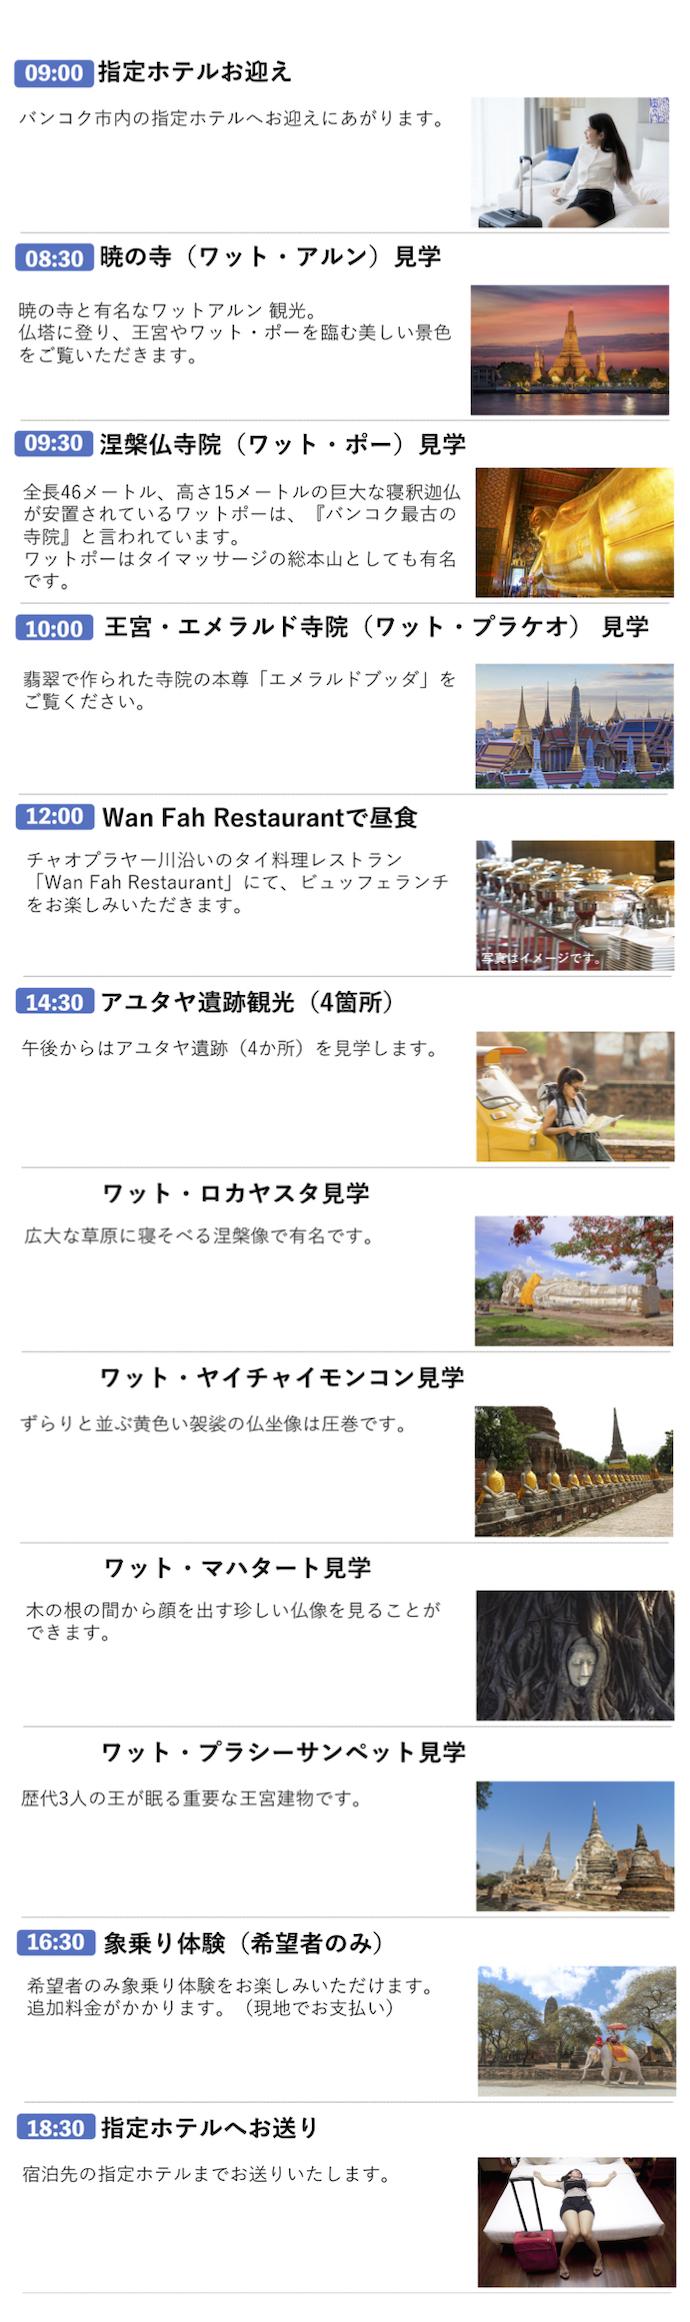 3大寺院 アユタヤ